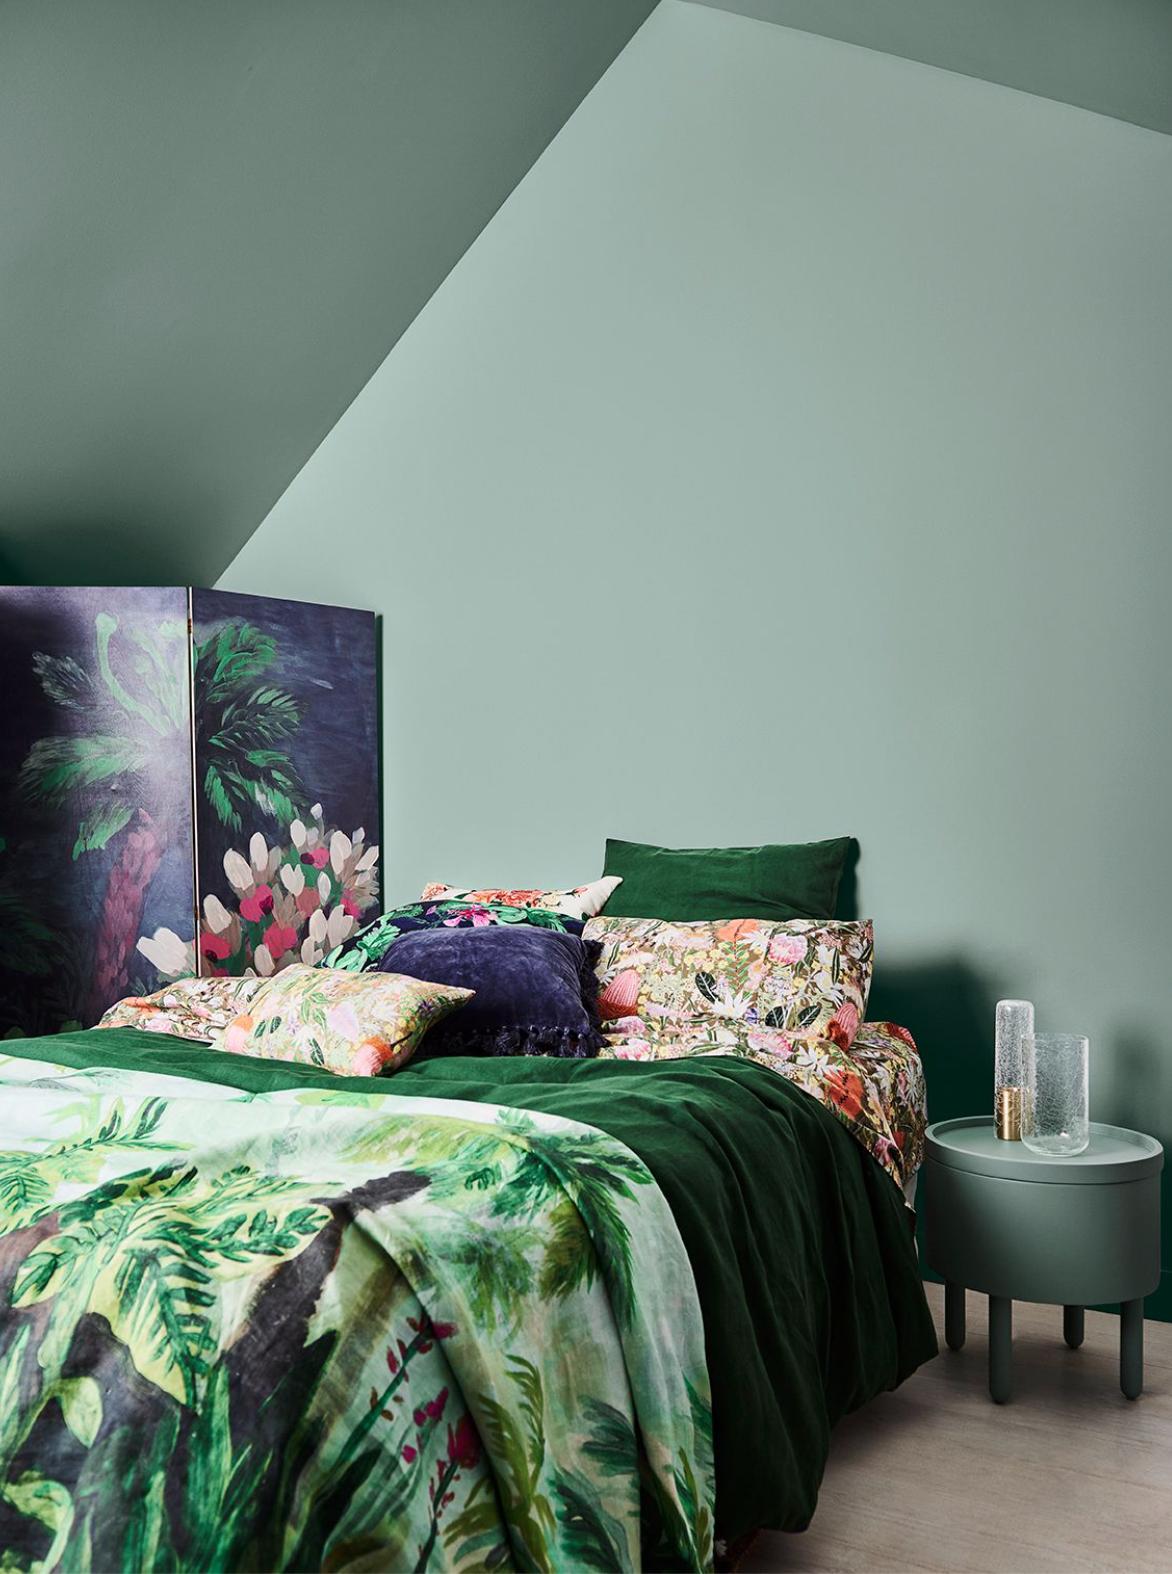 4 Color Trends 2020 Dulux Australia - Eclectic Tre